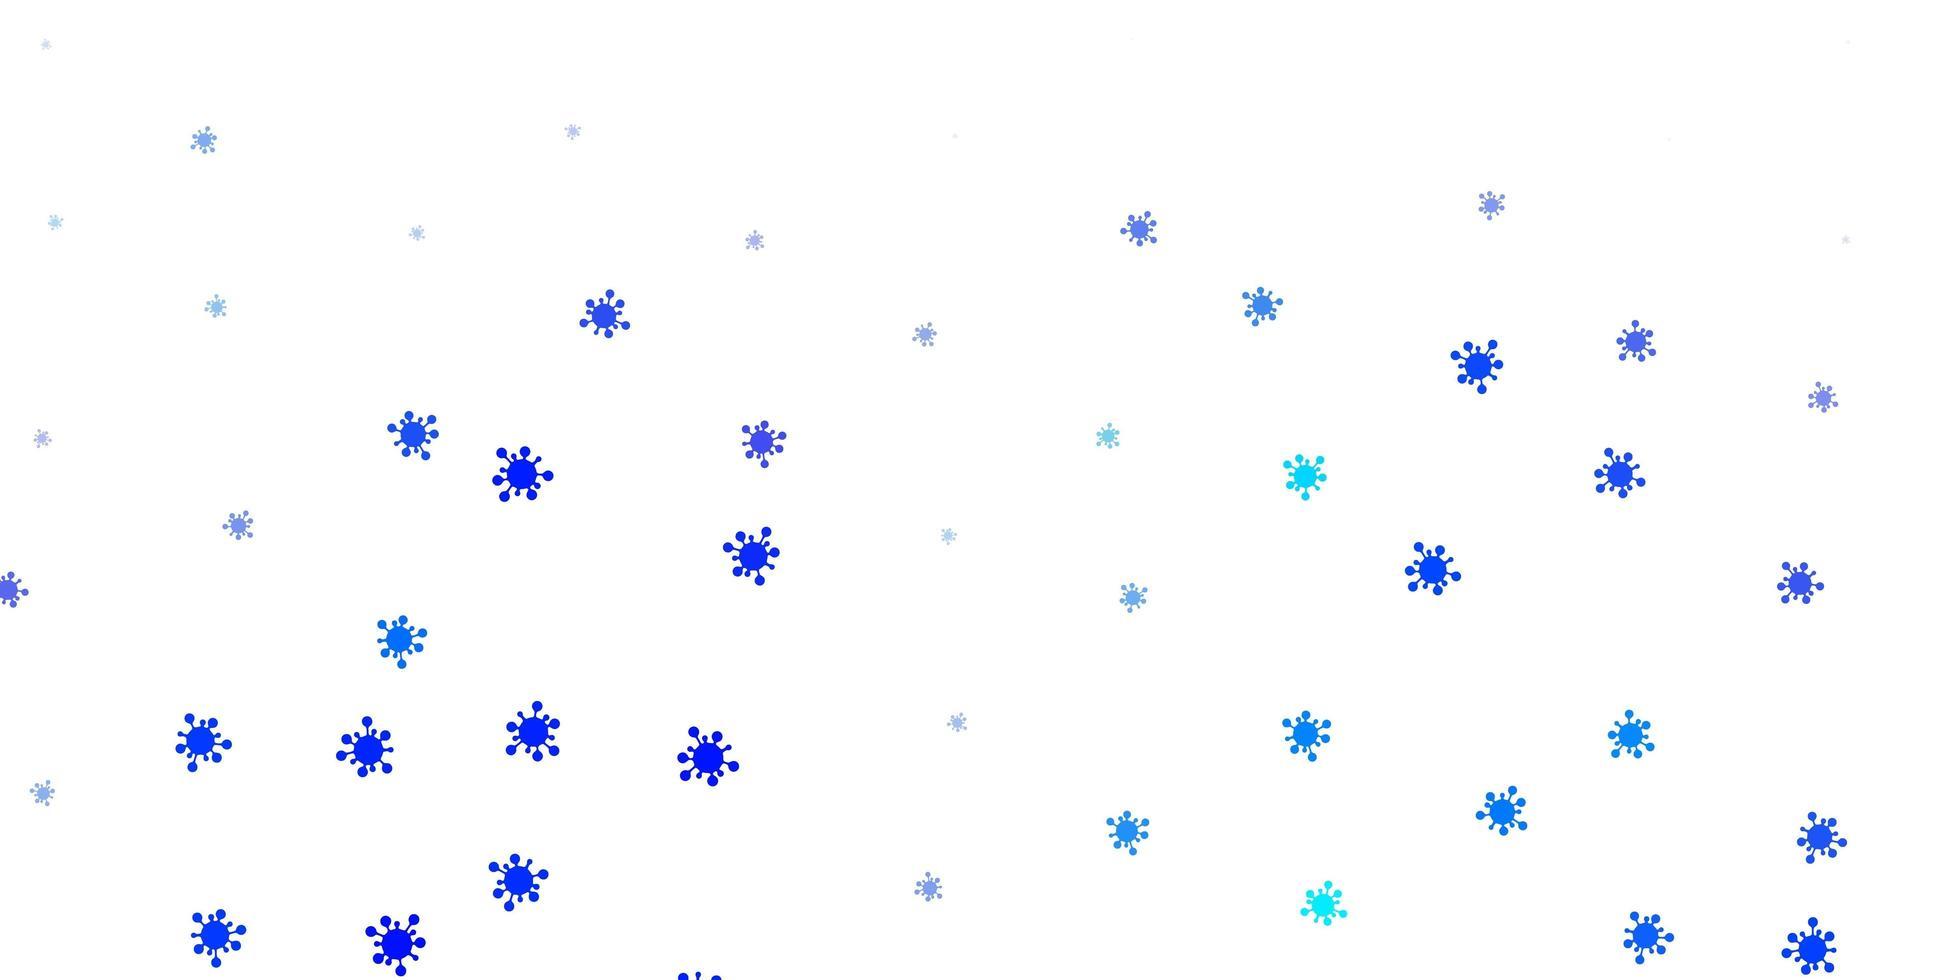 fond de vecteur bleu clair avec symboles covid-19